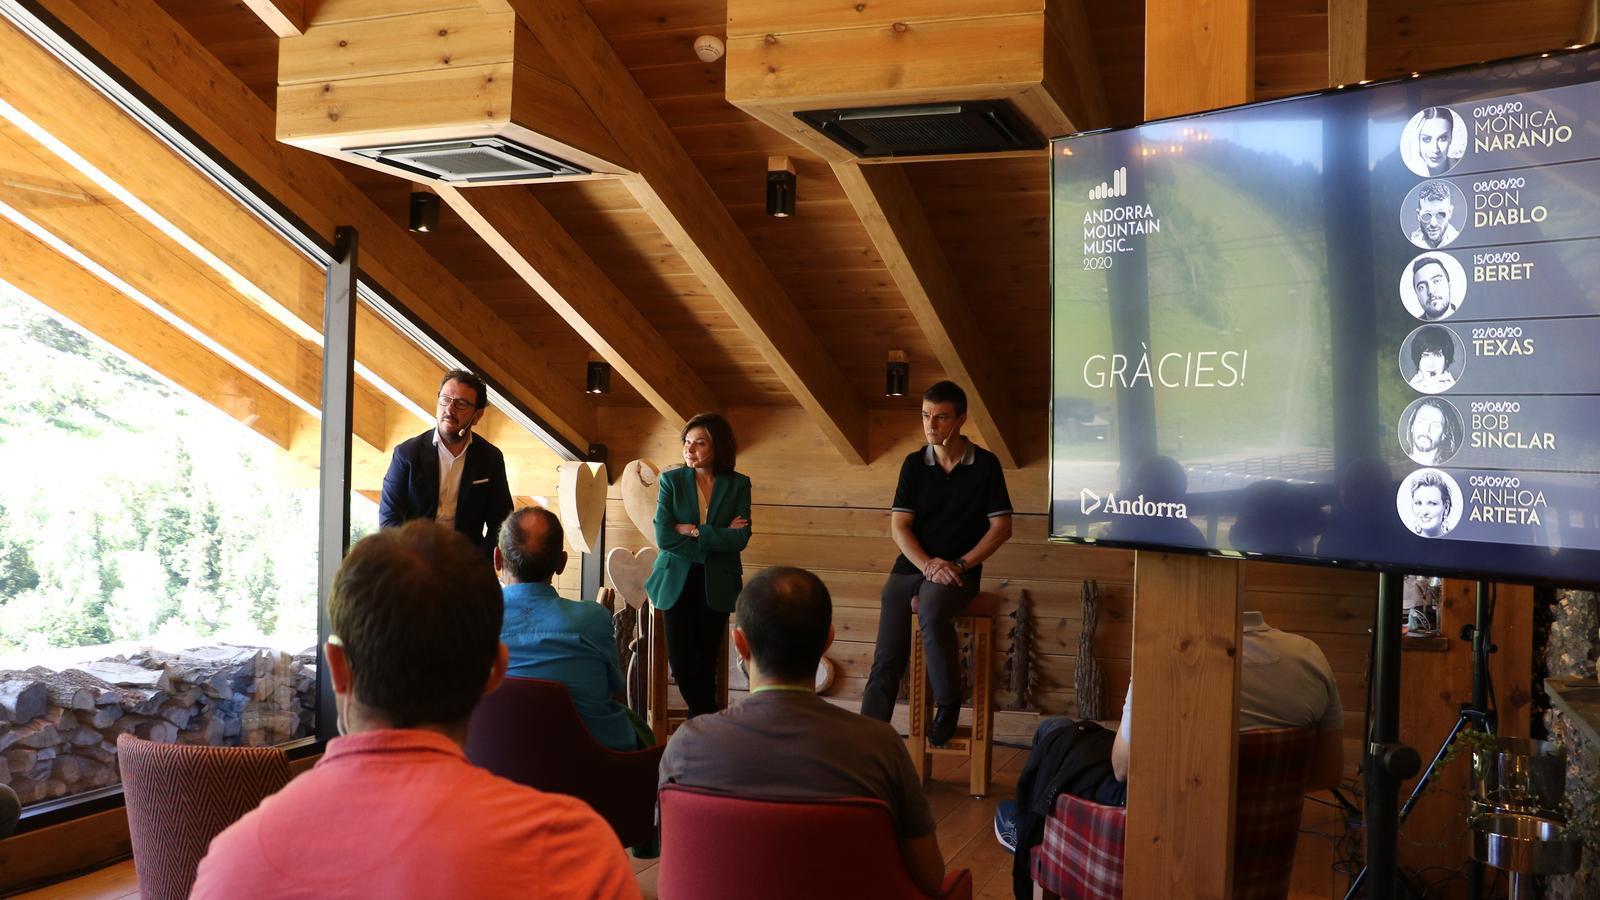 El director general d'Andorra Turisme, Betim Budzaku, la ministra de Turisme, Verònica Canals, i el director de producte i nous projectes, Eric Torres, durant la presentació del festival